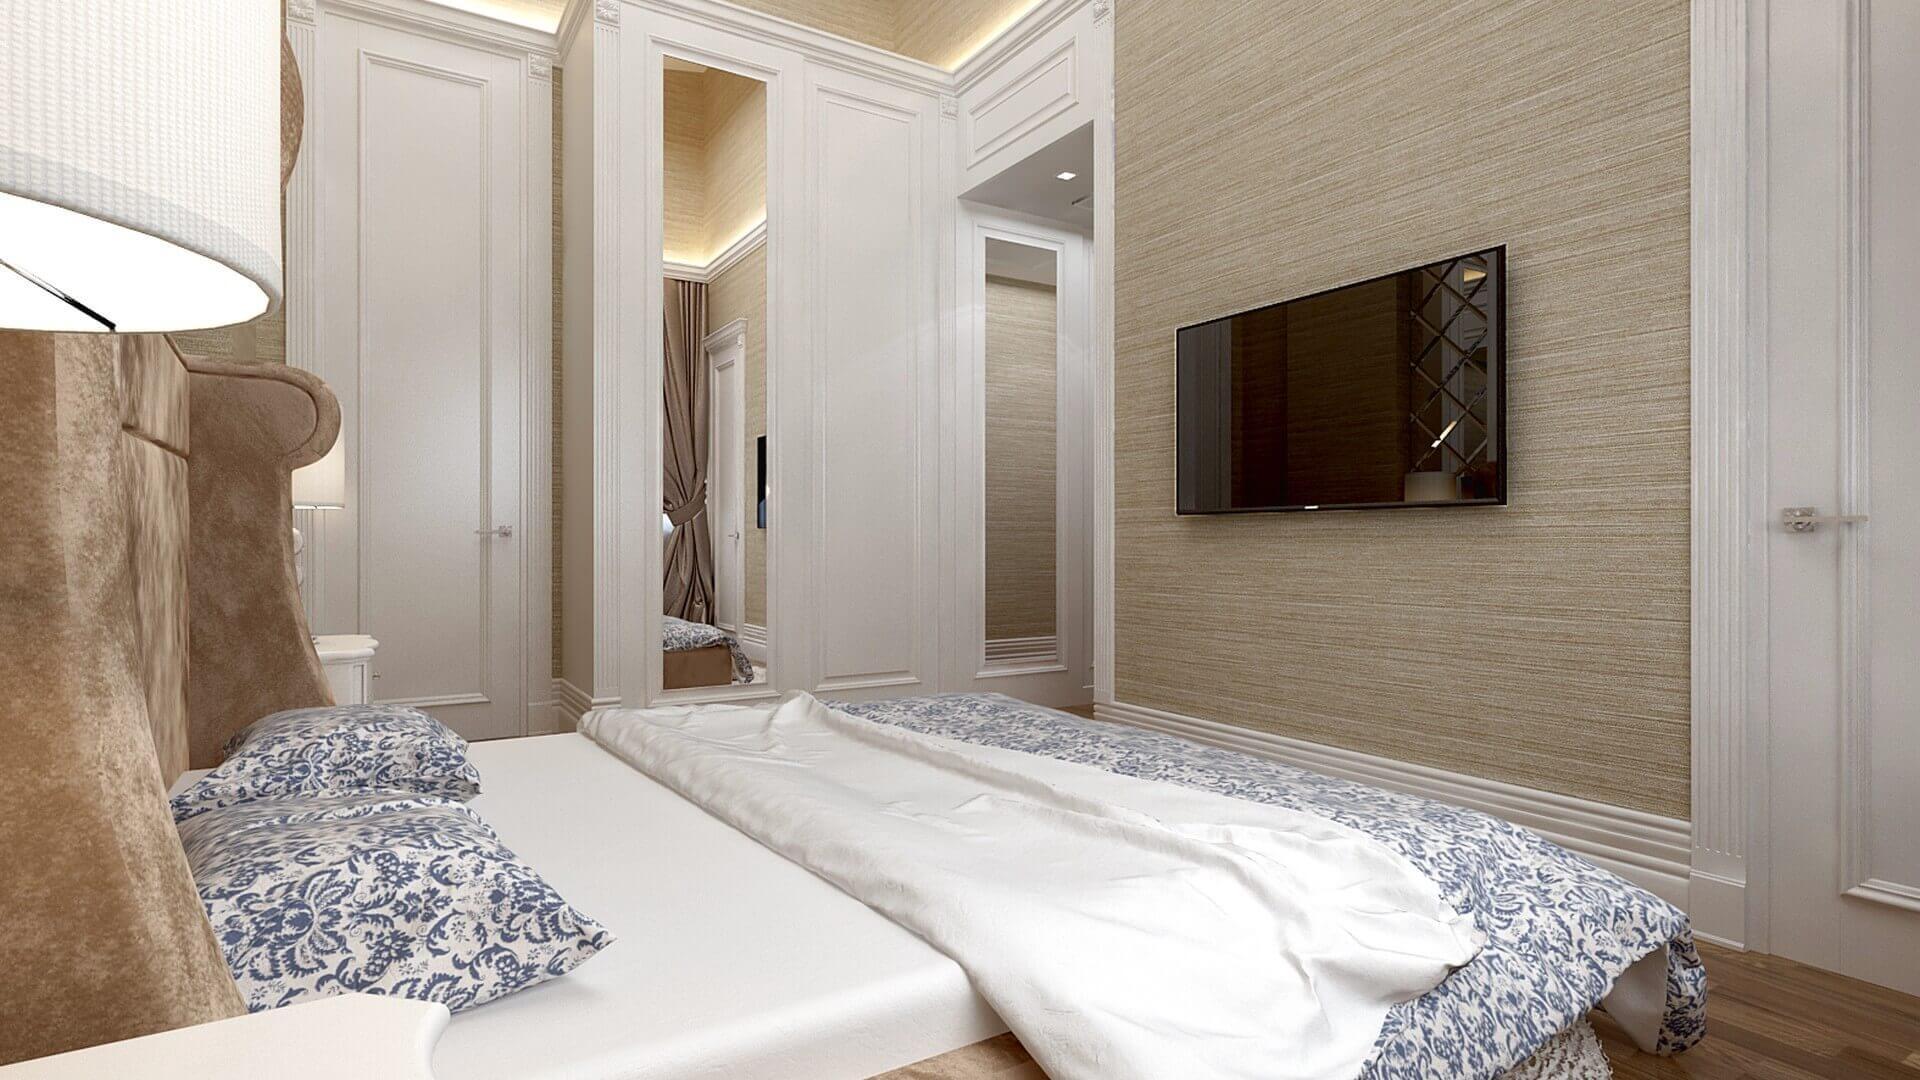 villa dekorasyonu 3300 S. Aslan Dairesi Konutlar